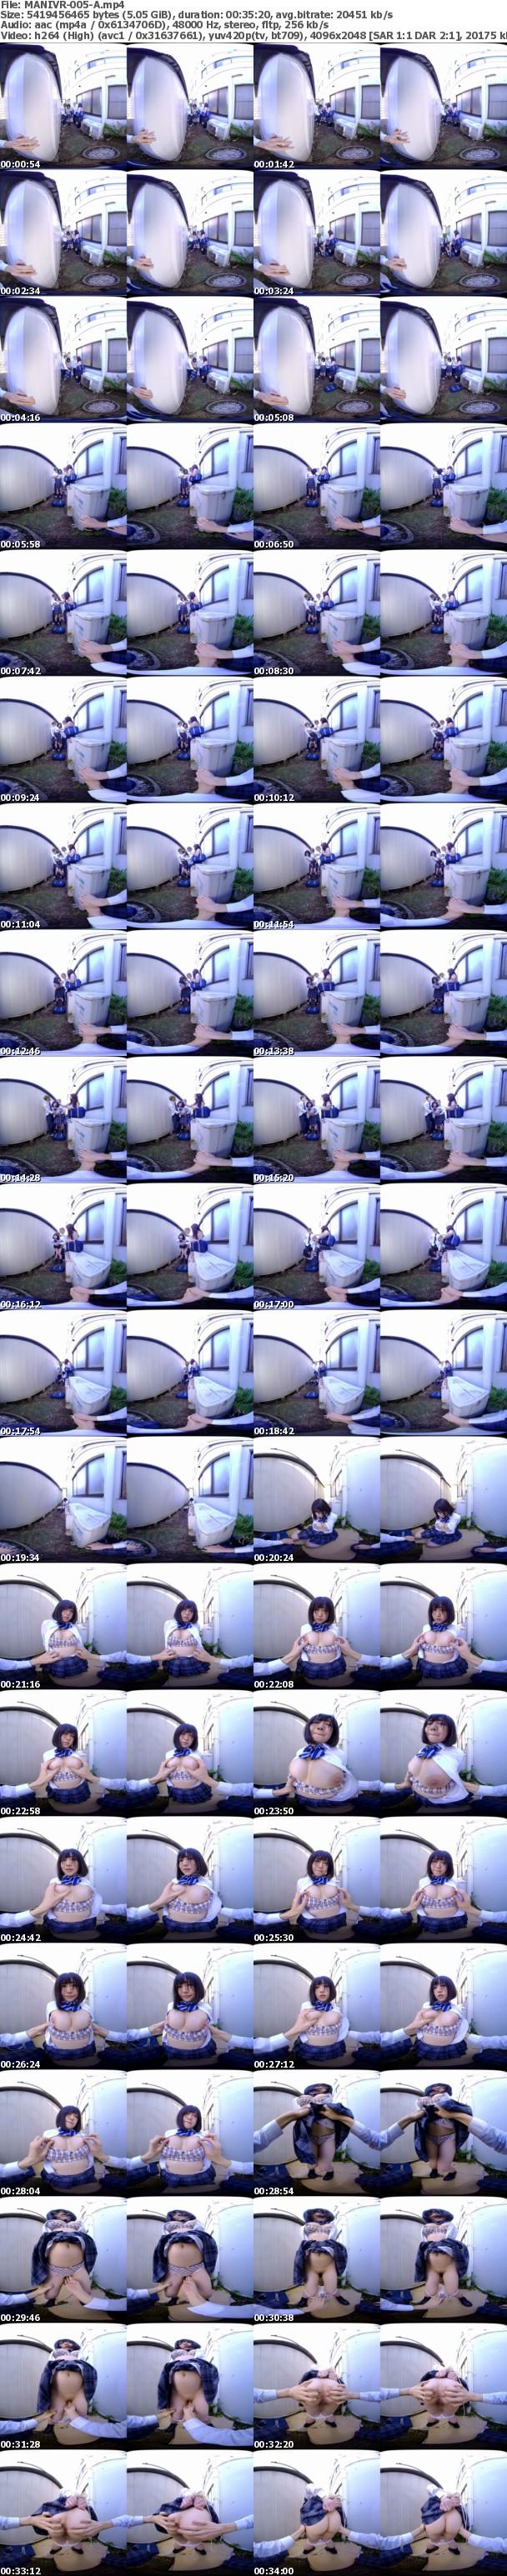 (VR) MANIVR-005 イジメられていた女子を助けようと思ったけどエロいぷっくり乳輪してたらから我慢できずおこぼレ●プ